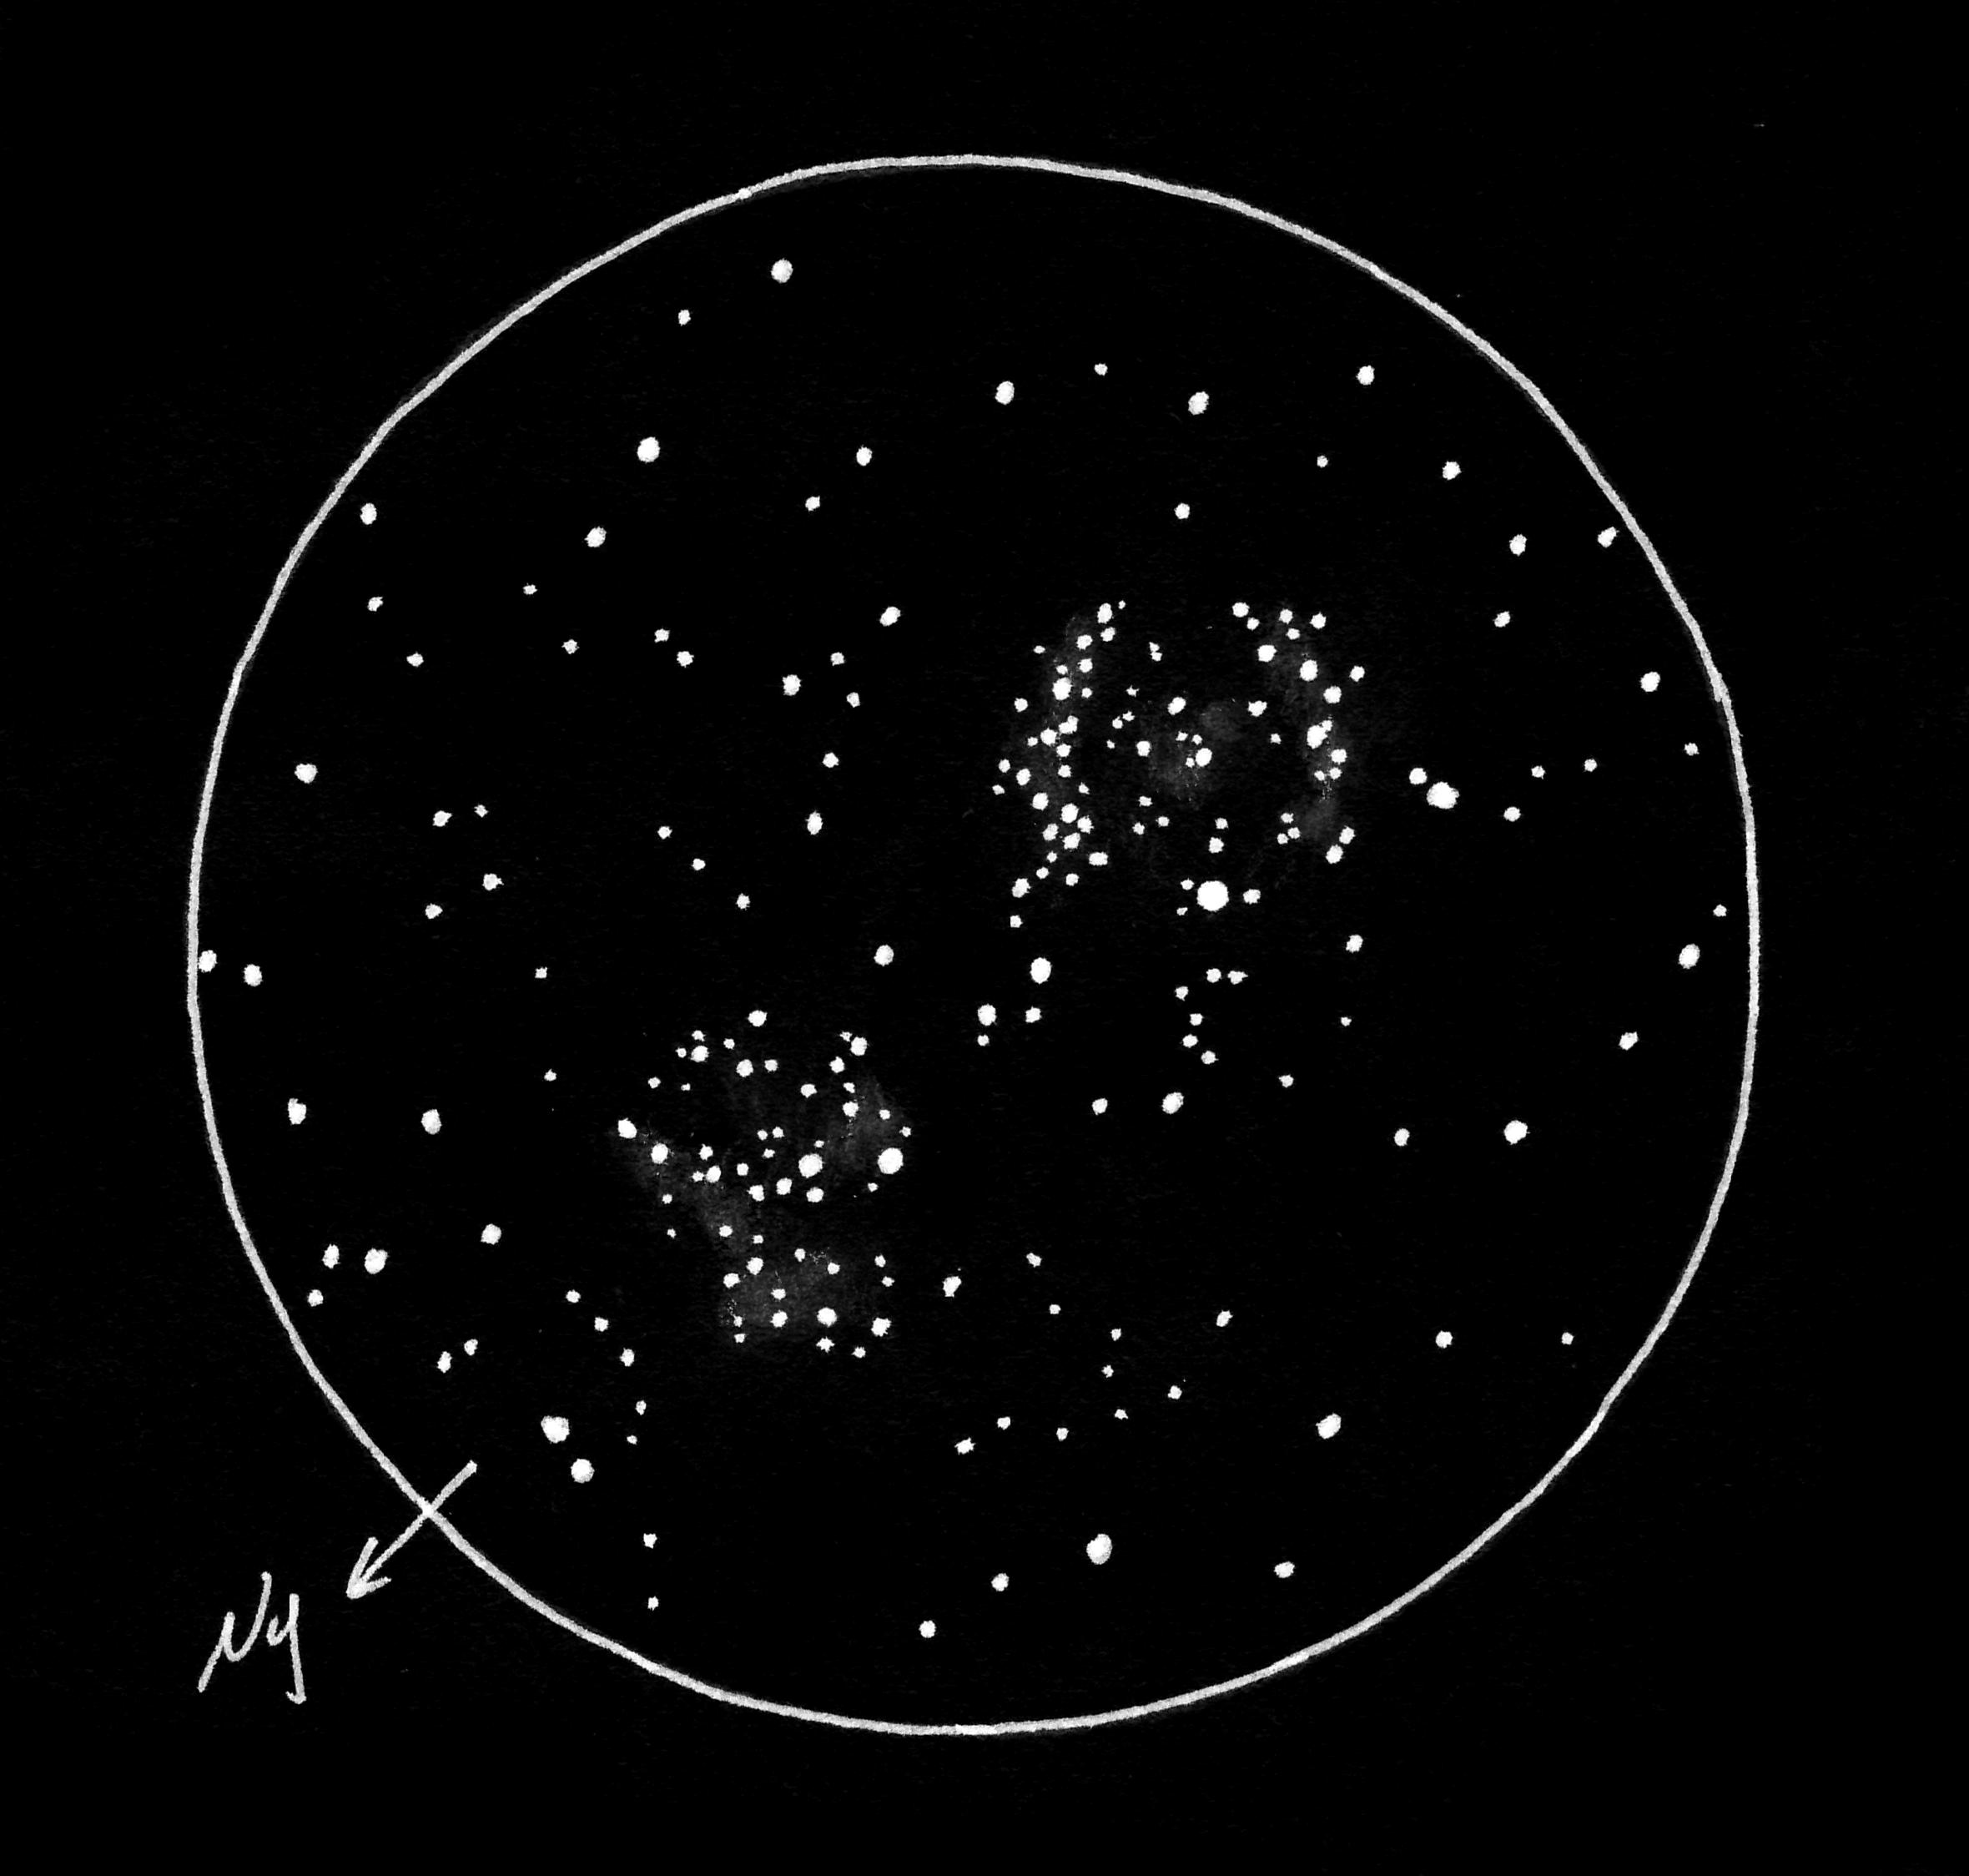 NGC 884, NGC 869